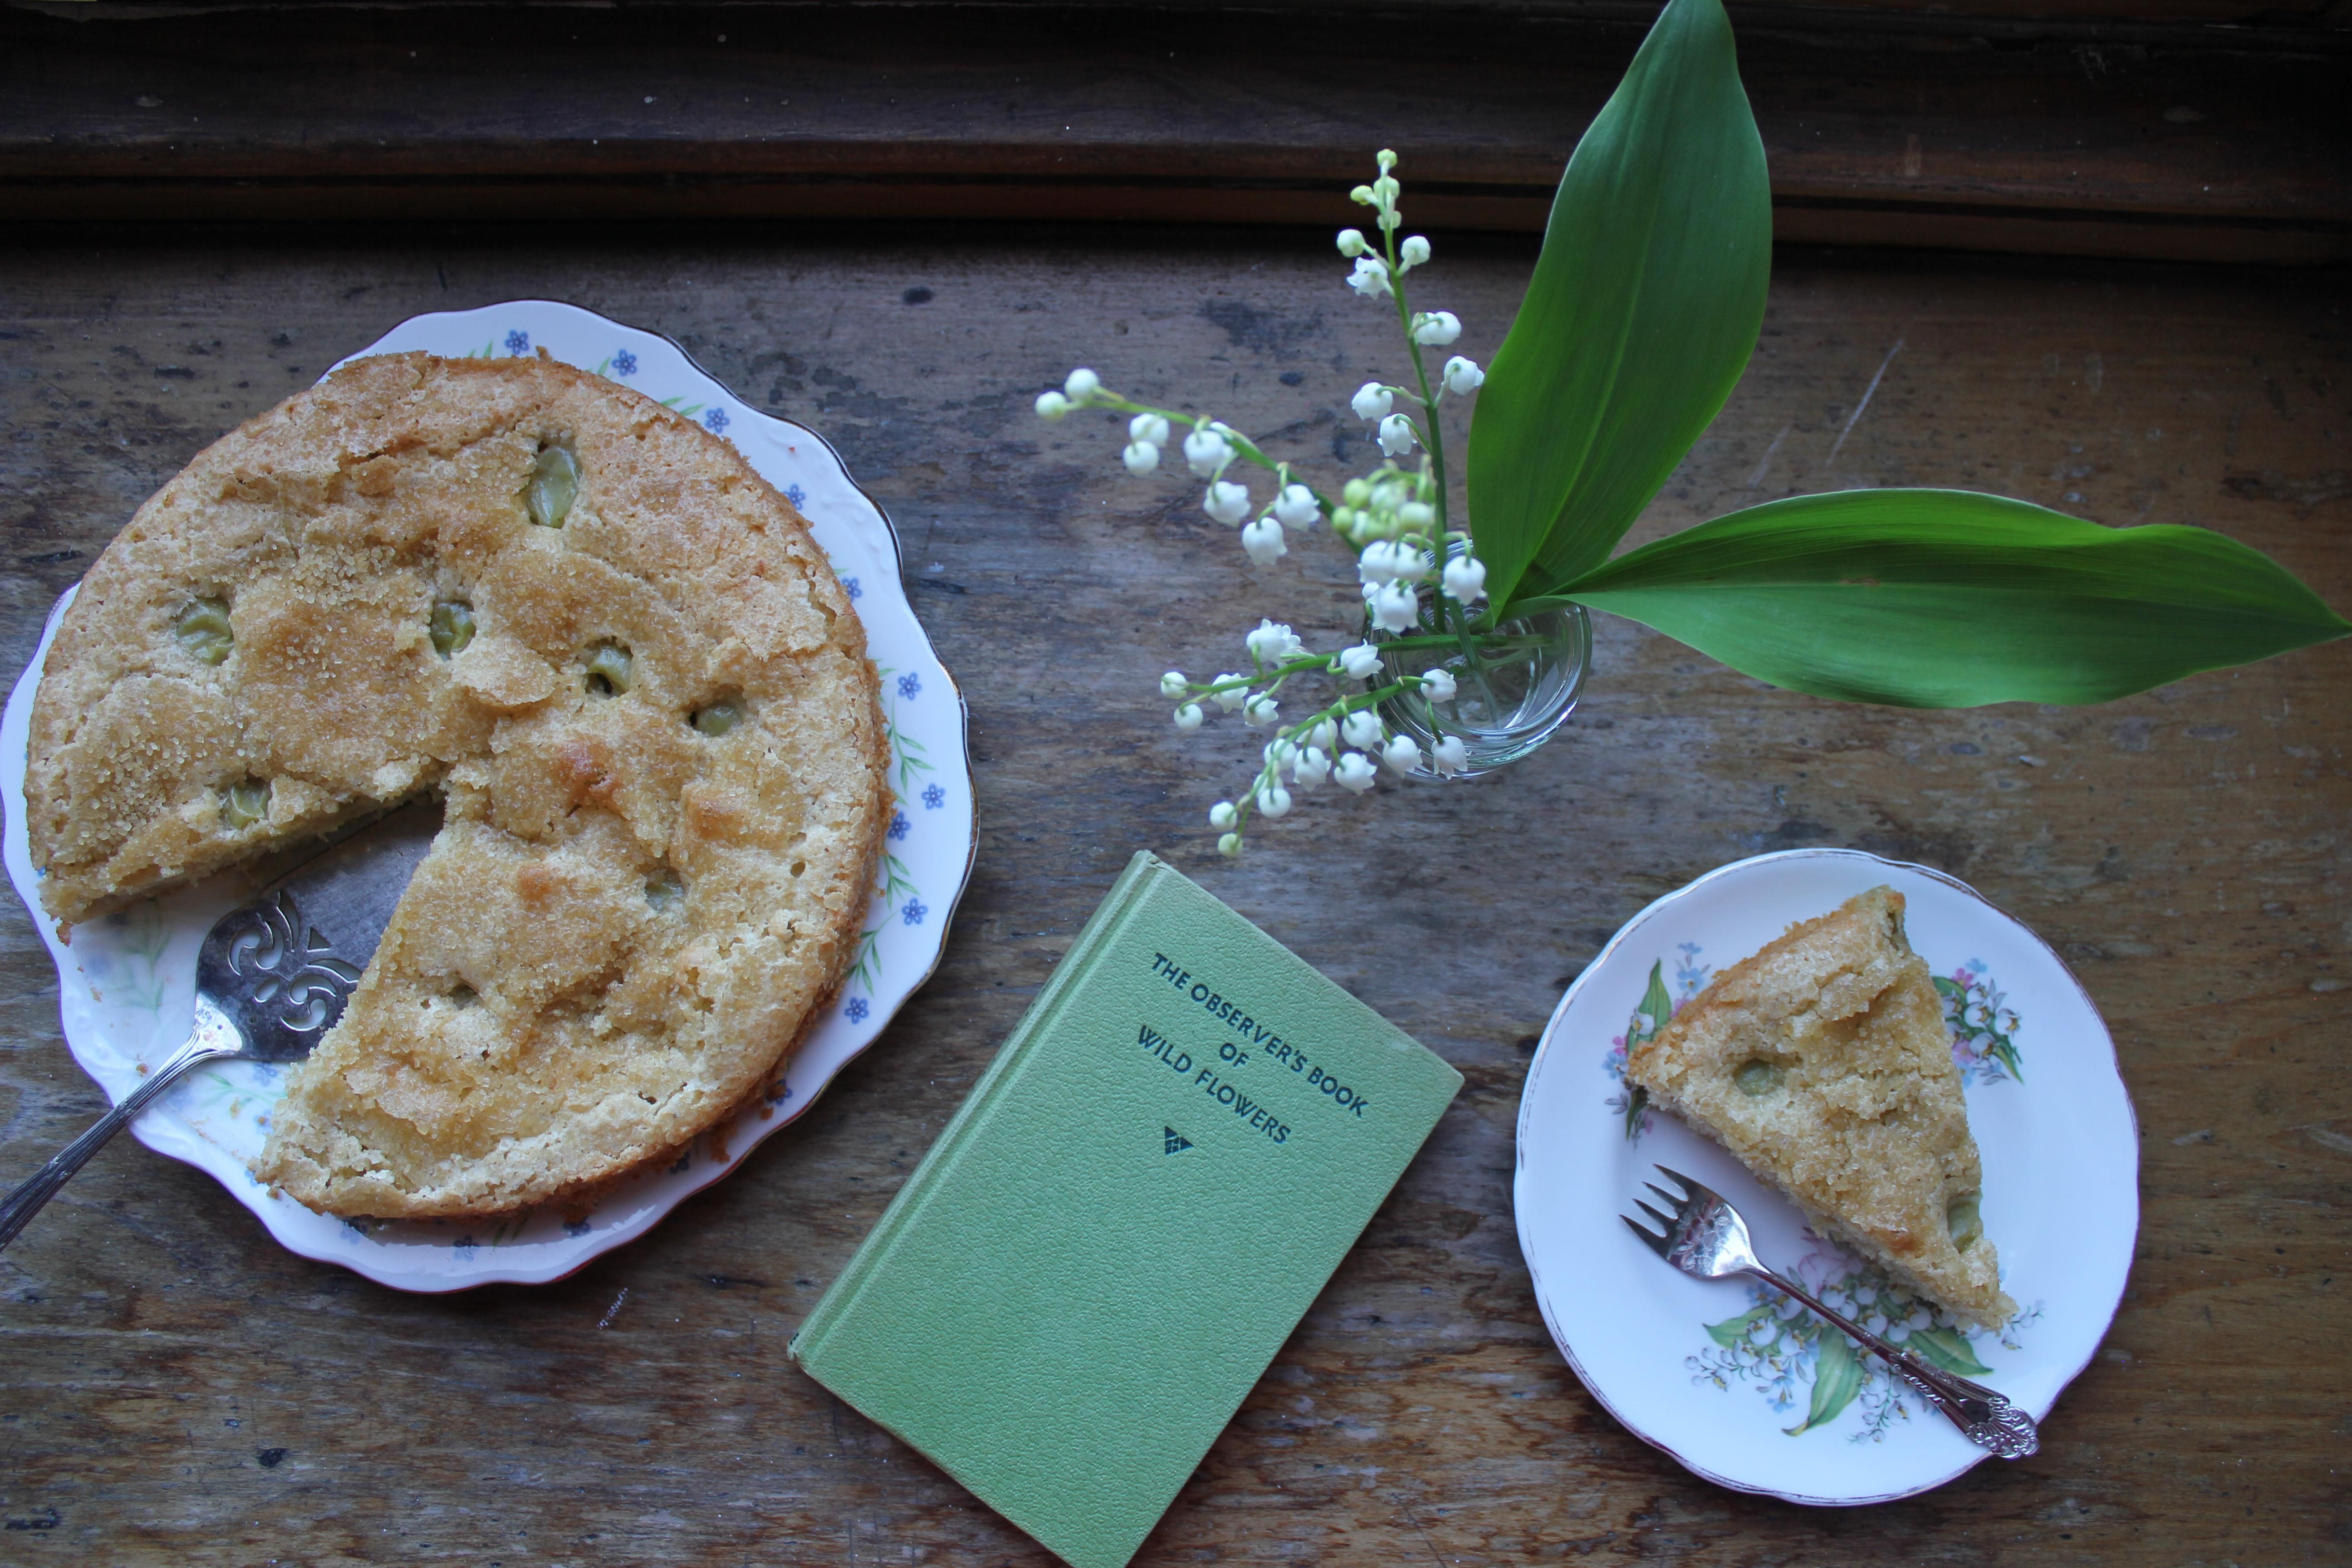 Gooseberry cake, Flora Shedden